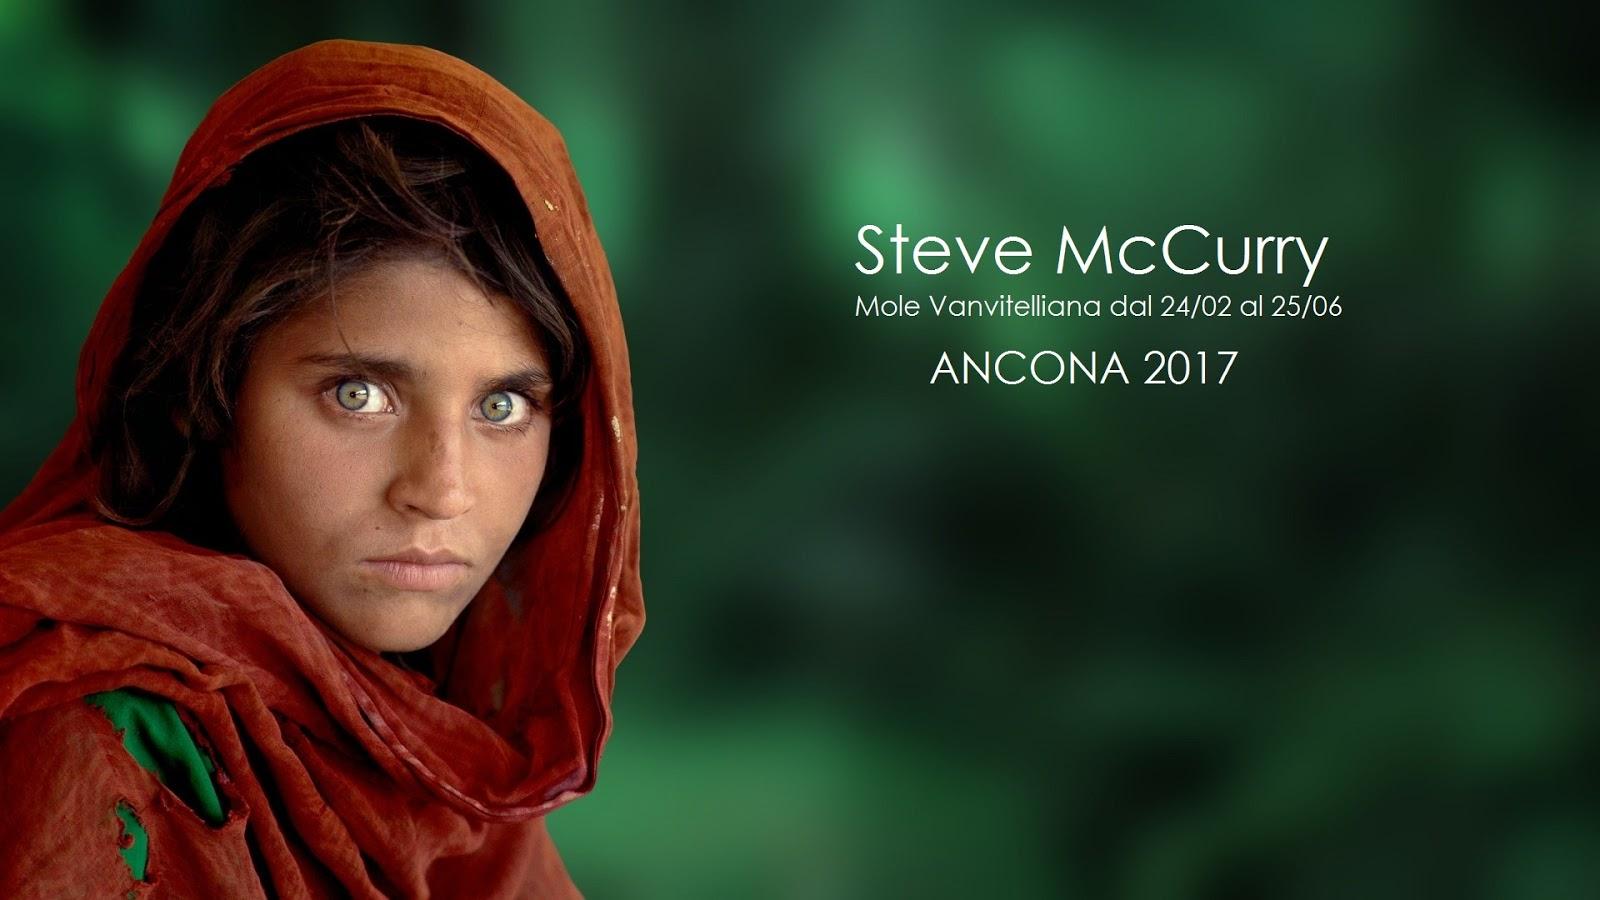 La mole Vanvitelliana e la mostra di Steve McCurry